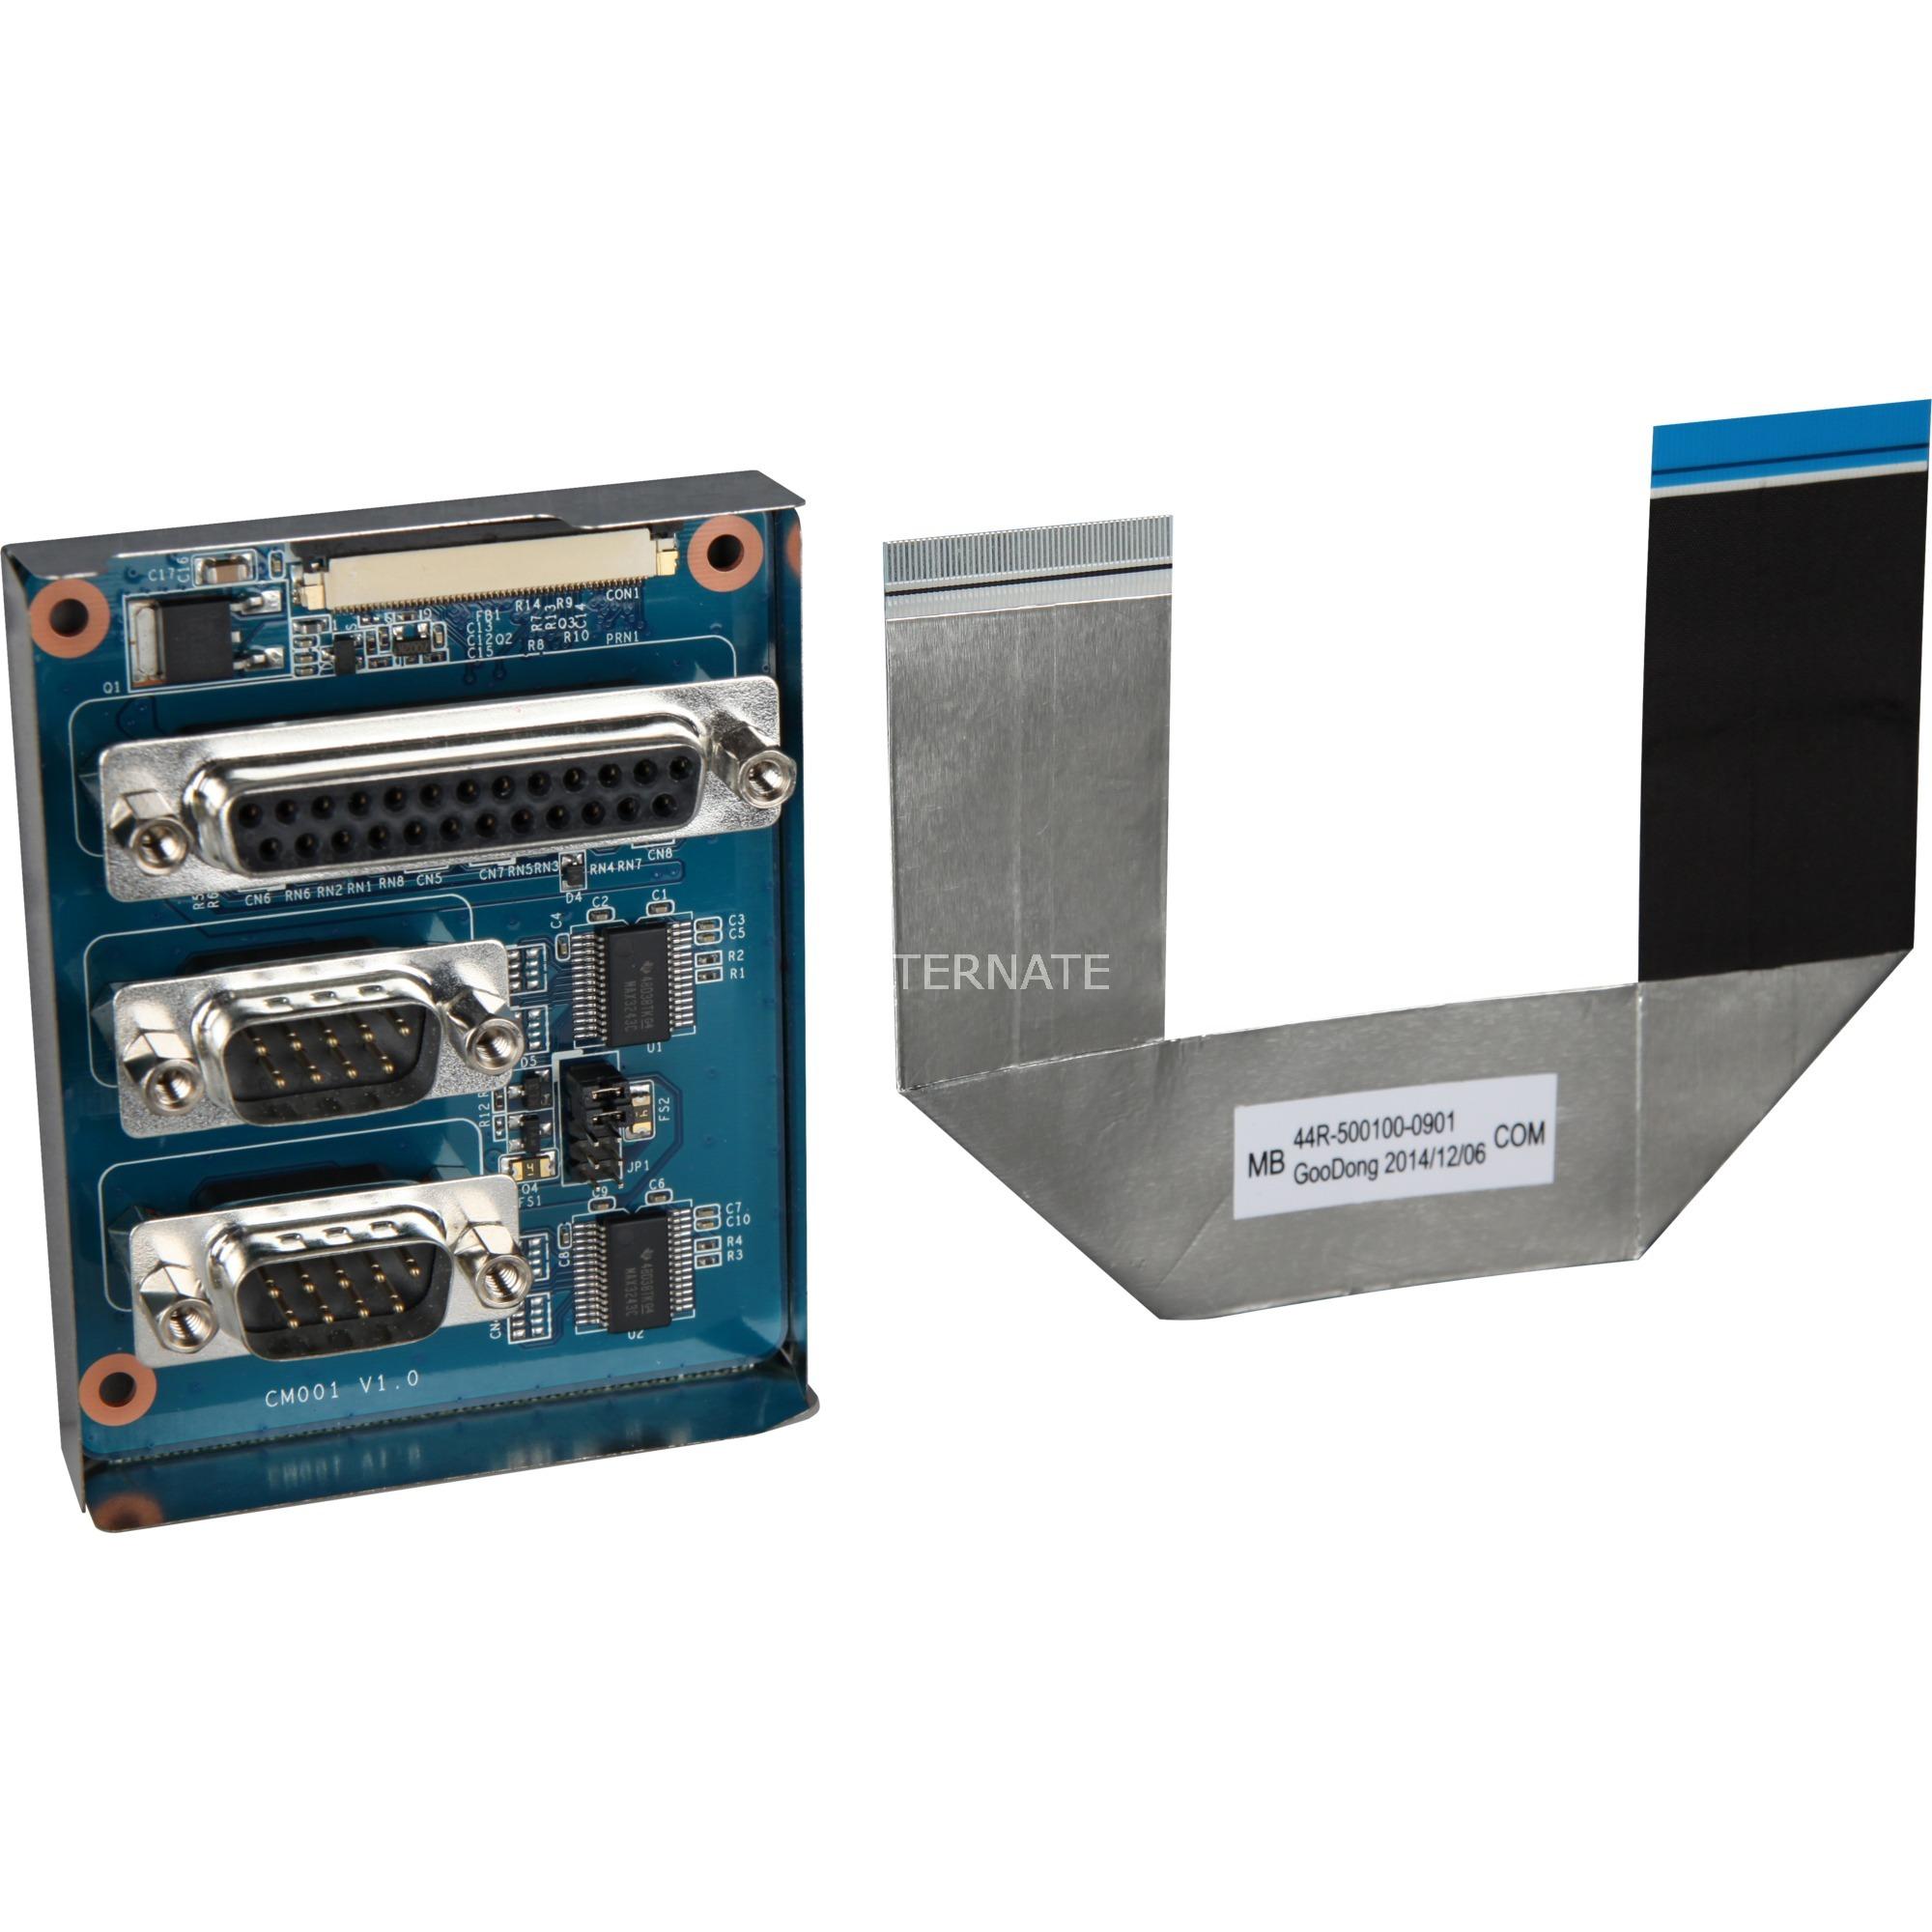 PCL69 tarjeta y adaptador de interfaz Paralelo, De serie Interno, Módulo de extensión